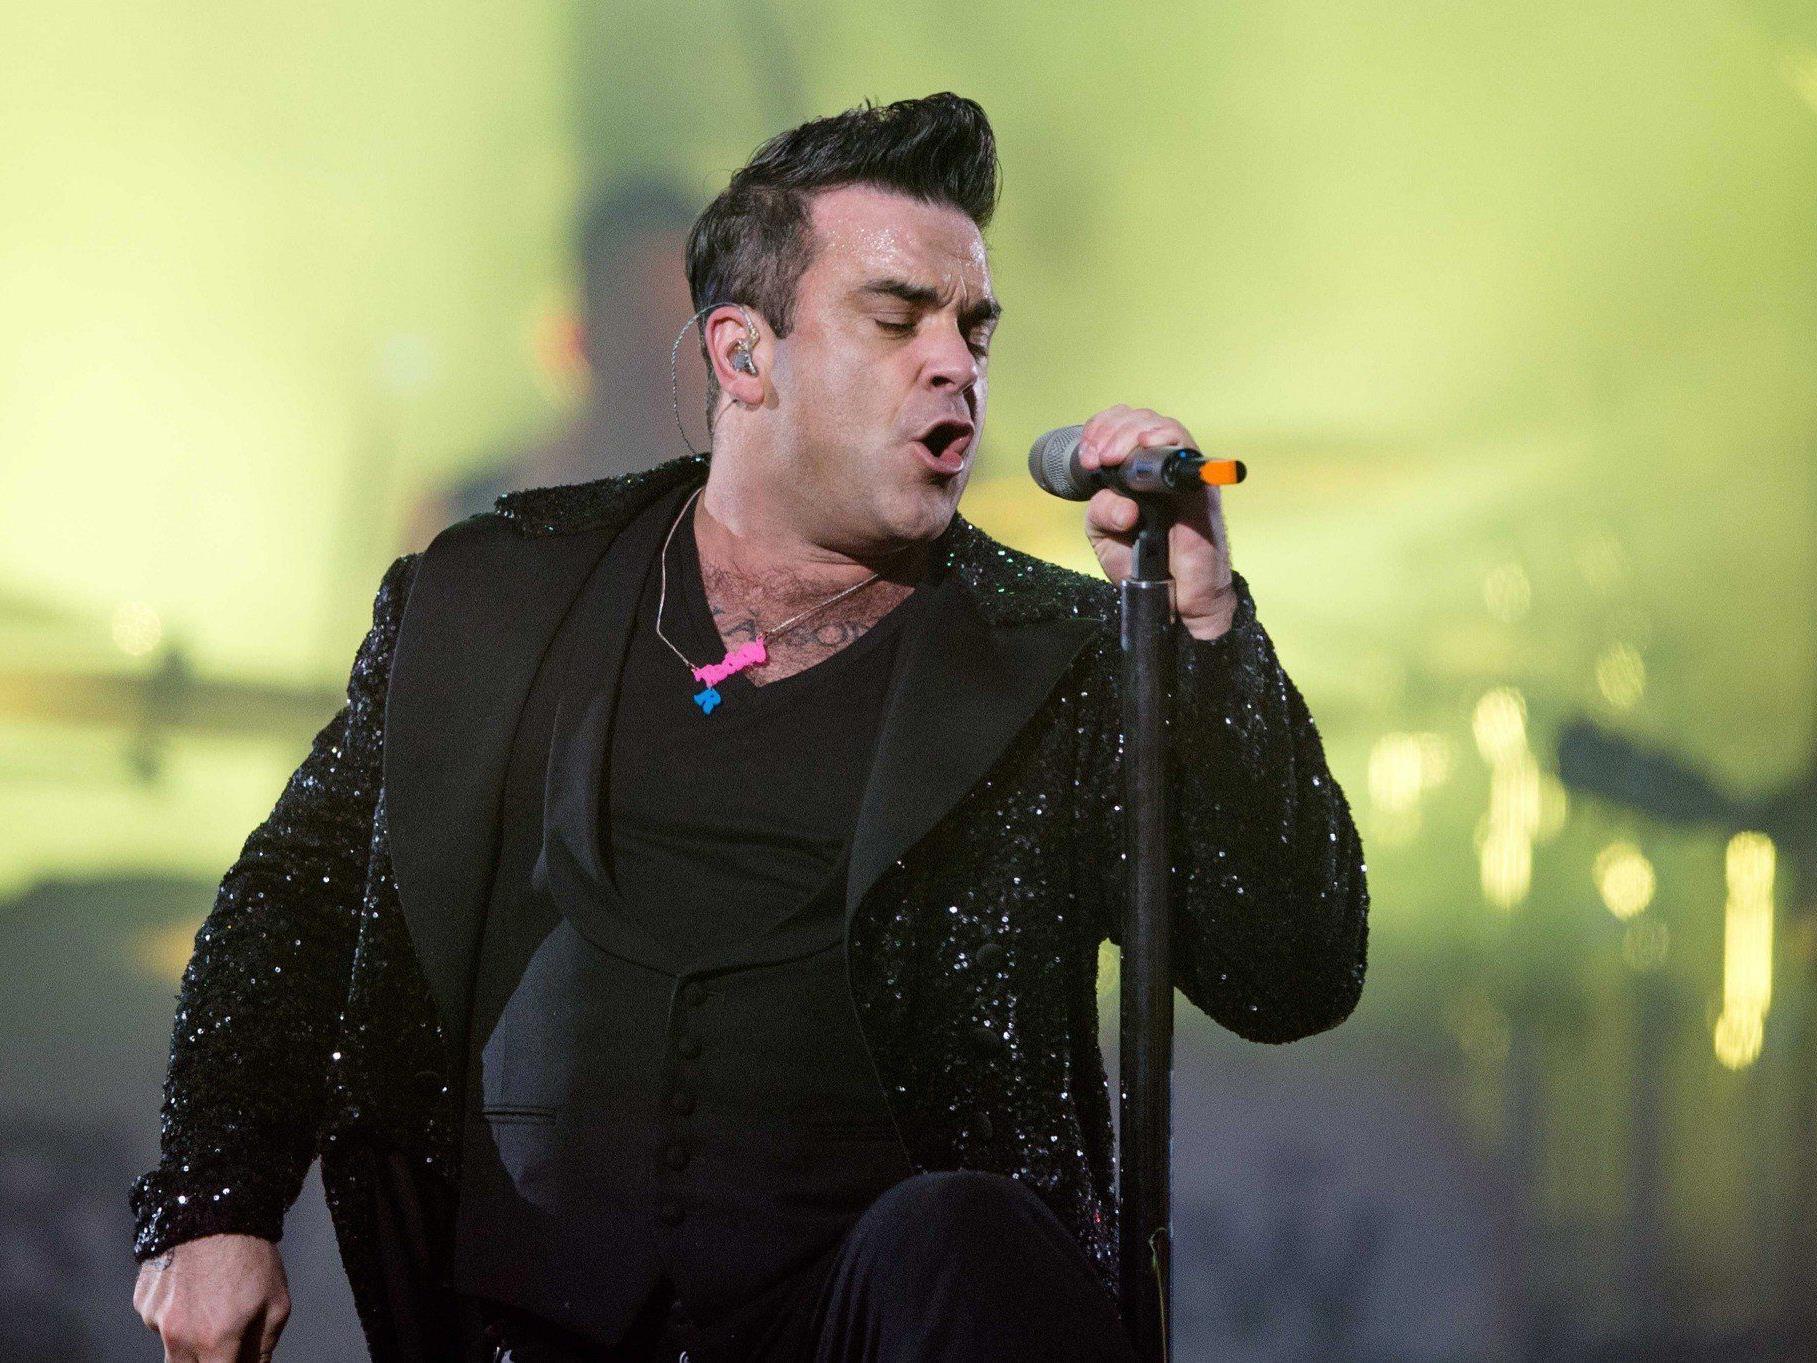 Robbie Williams live im Kino - Cineplexx überträgt das Tallinn-Konzert des britischen Superstars